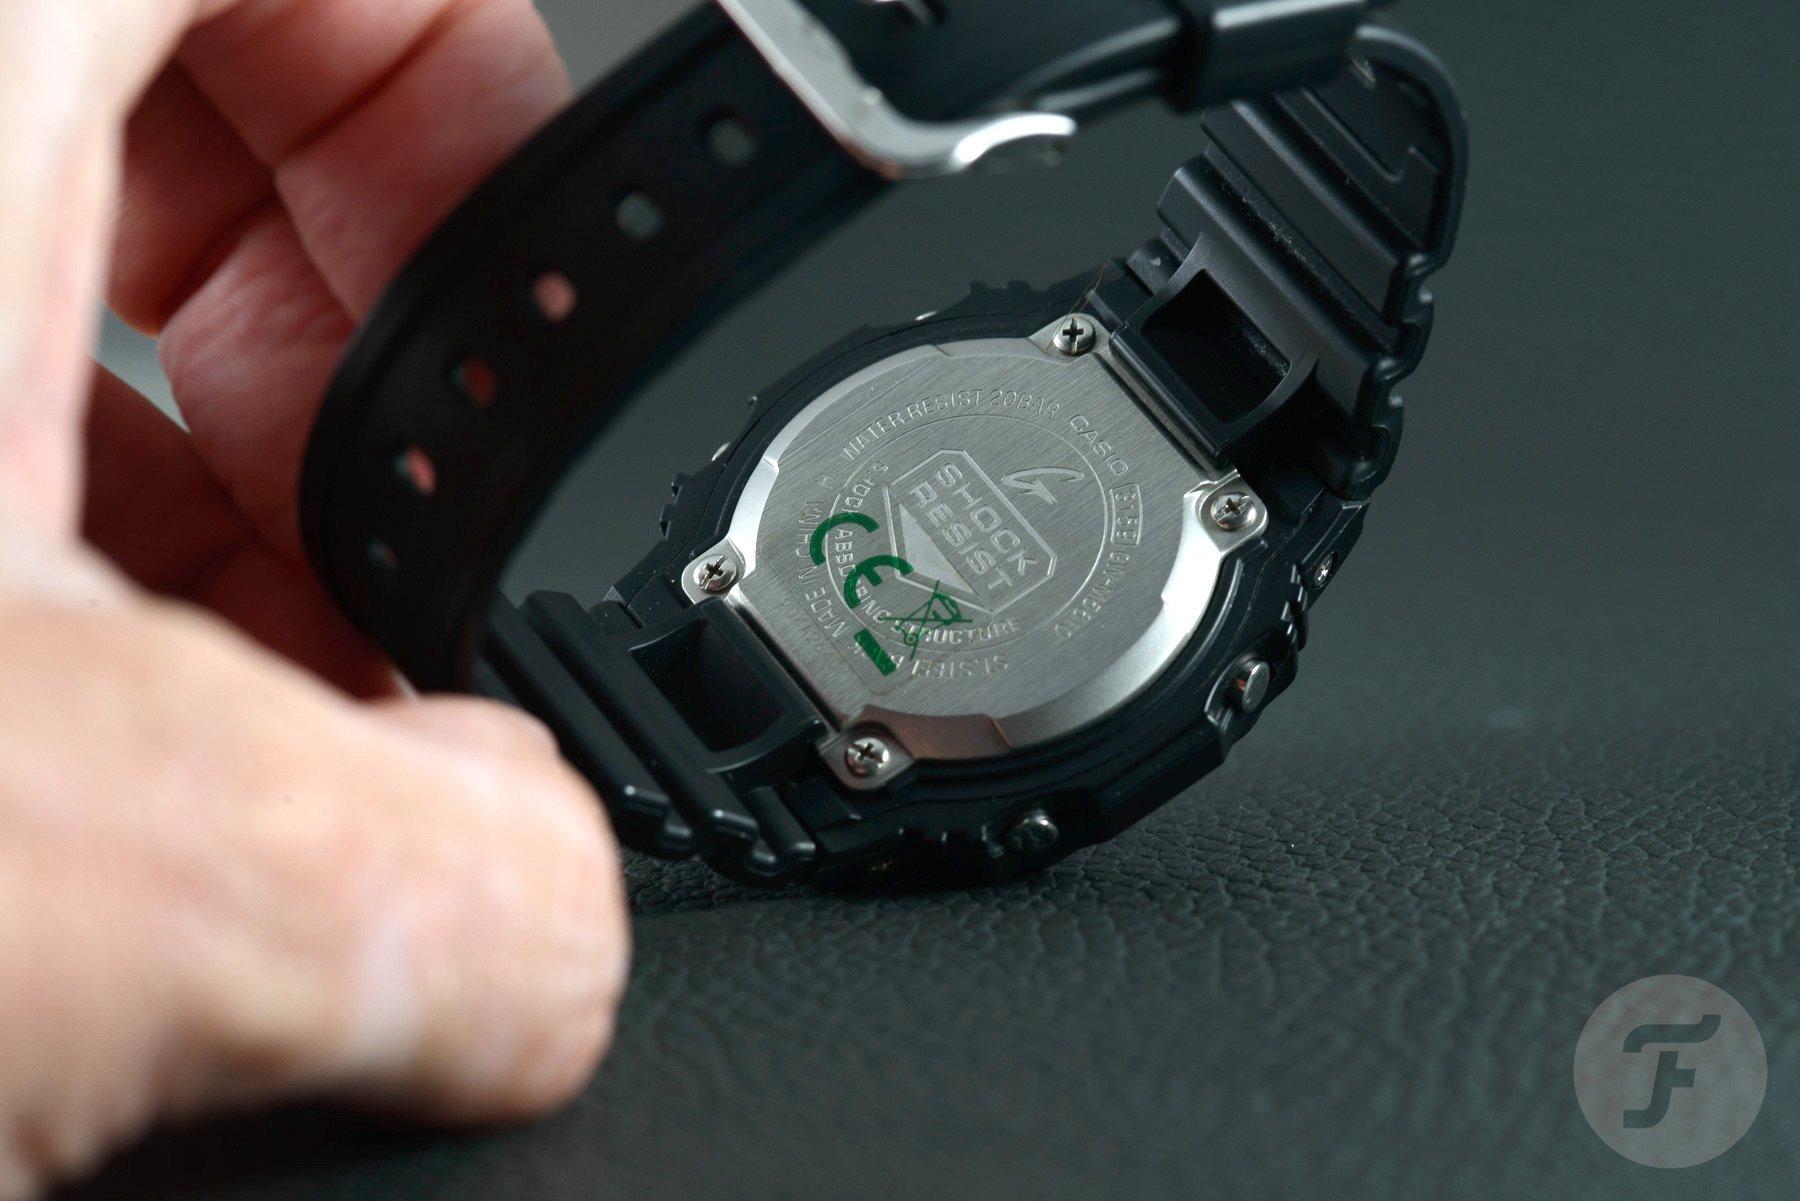 gshock gwm5610u 6998 - Đánh giá đồng hồ G-Shock Square GW-M5610U